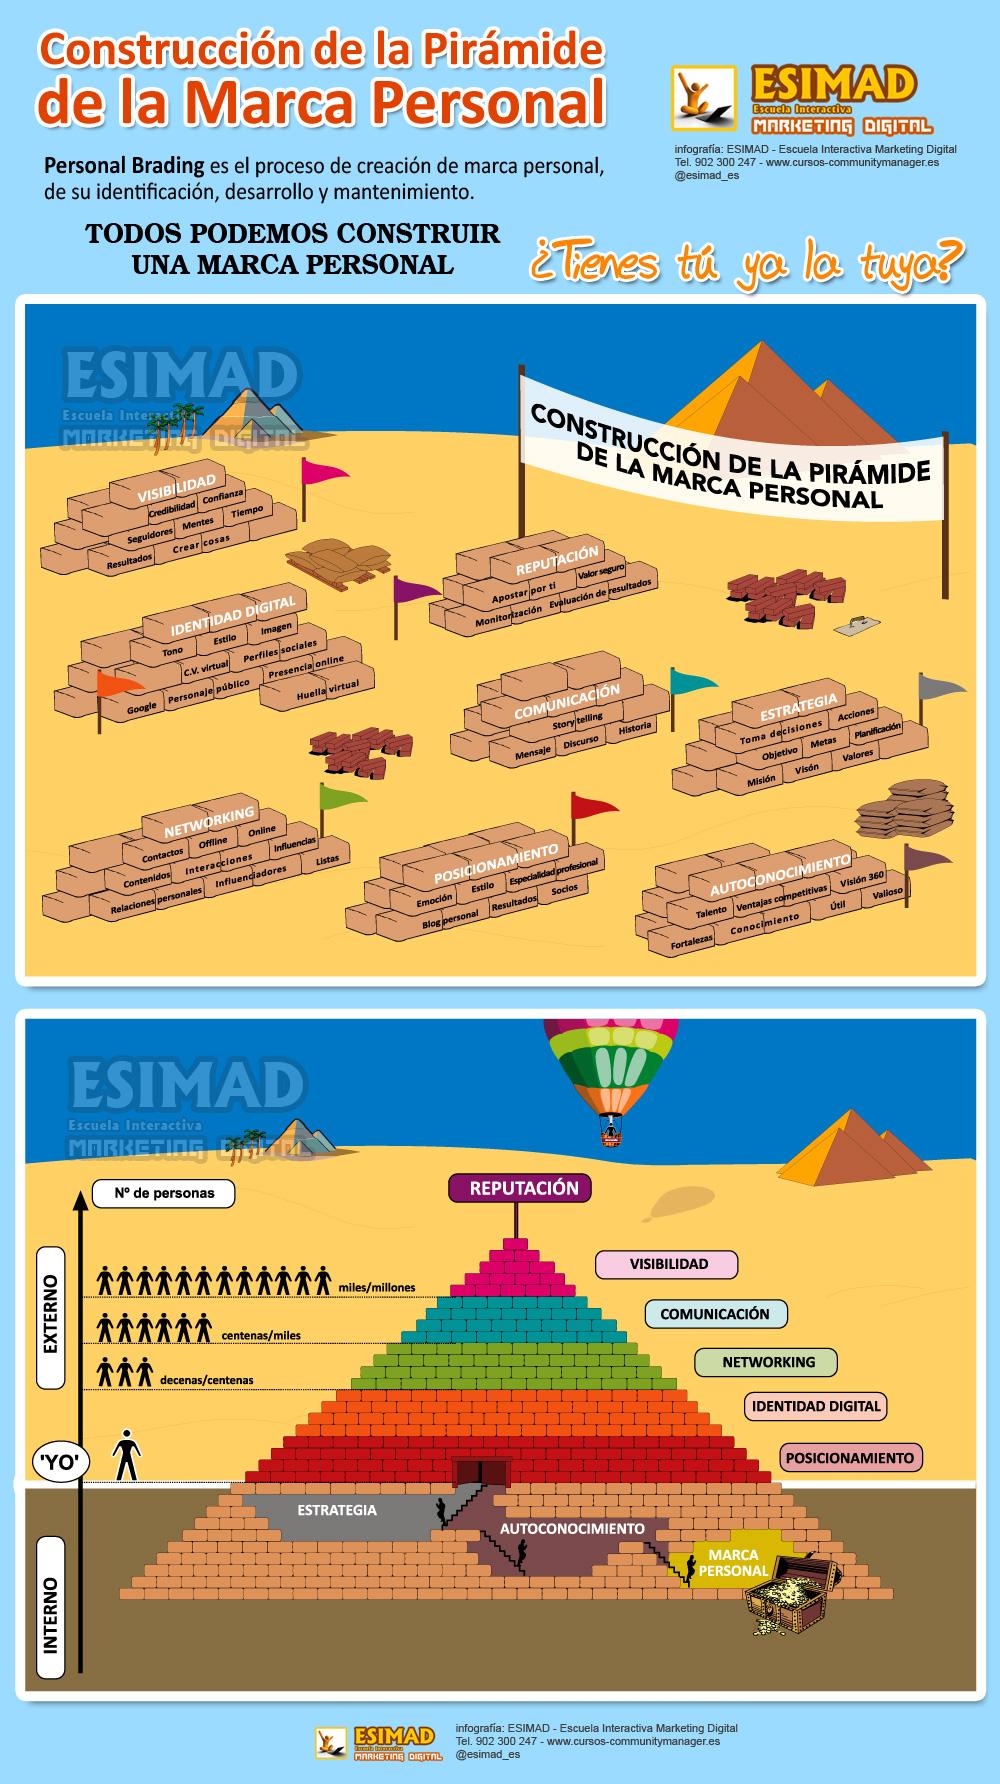 Construcción de la Pirámide de la Marca Personal